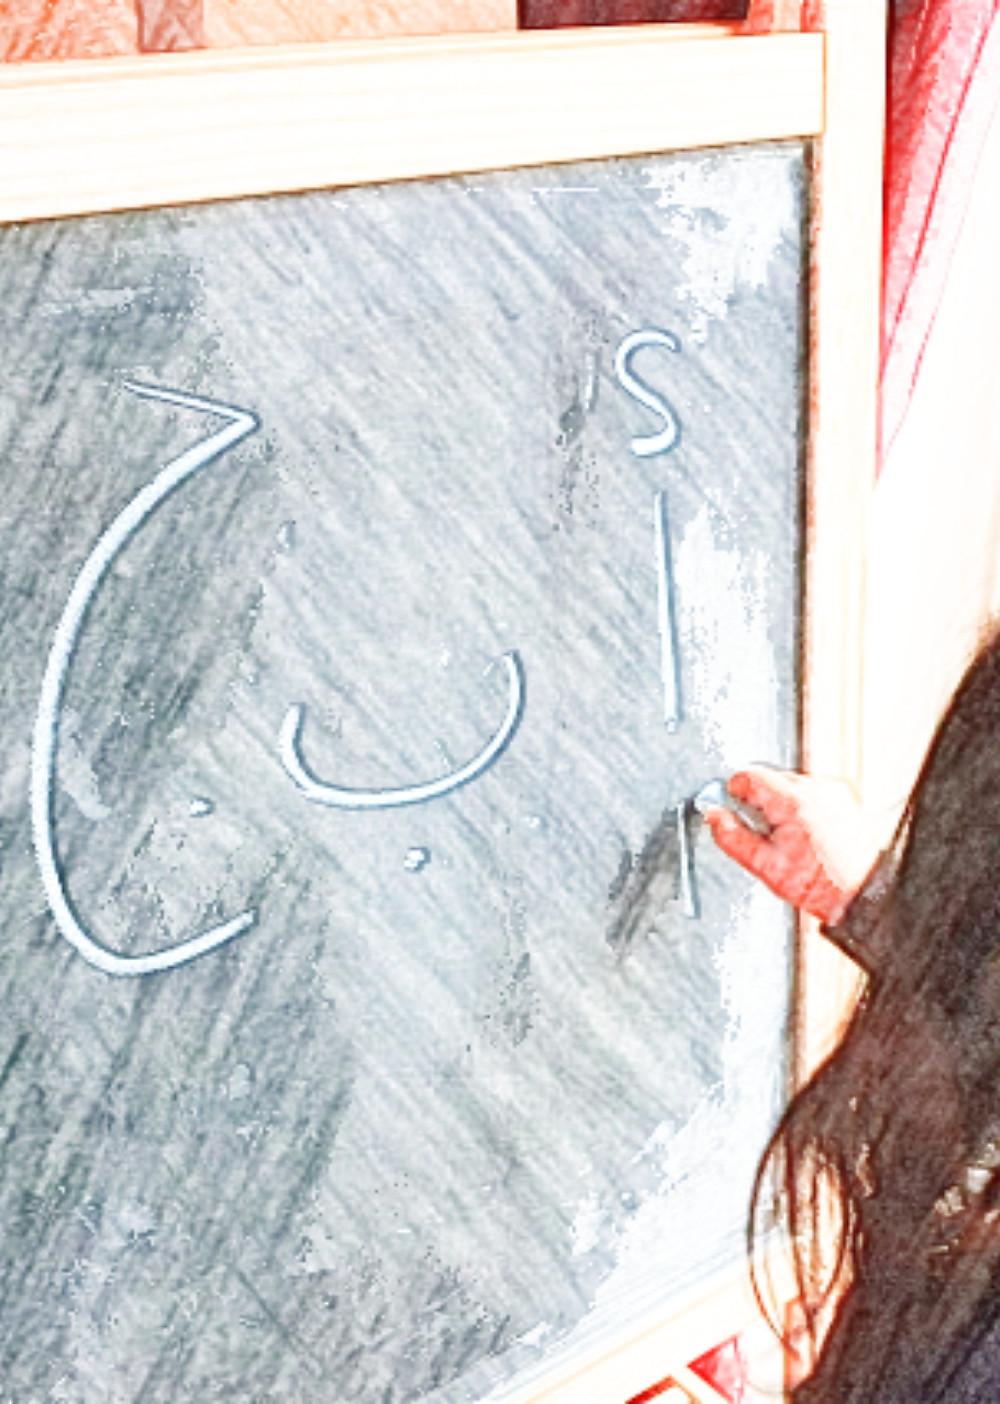 تعليم-اللغة-العربية-للأطفال-لغير-الناطقين-بها